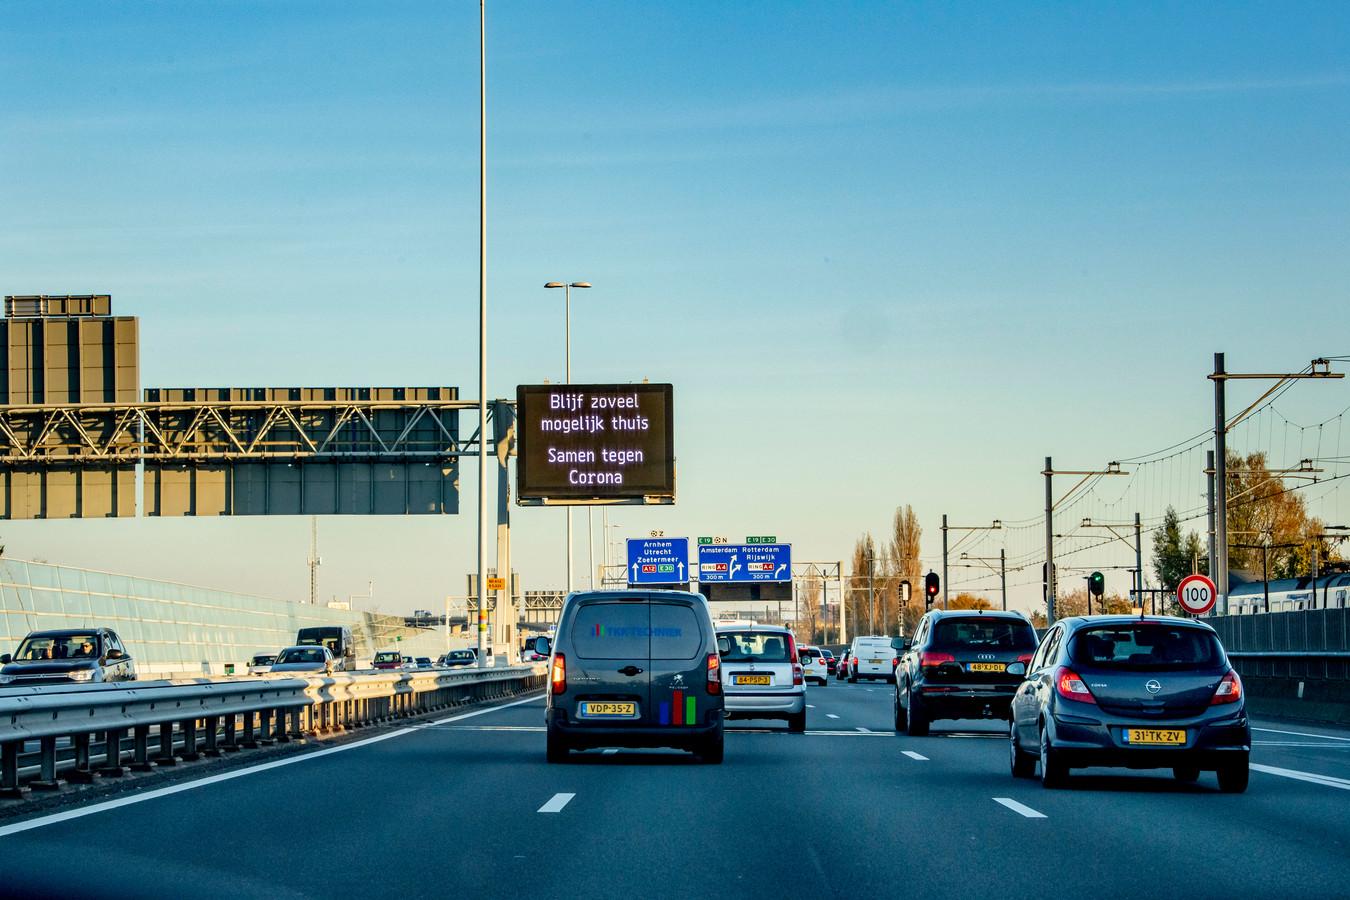 Op borden boven de snelweg prijkt de boodschap 'Blijf zoveel mogelijk thuis'.